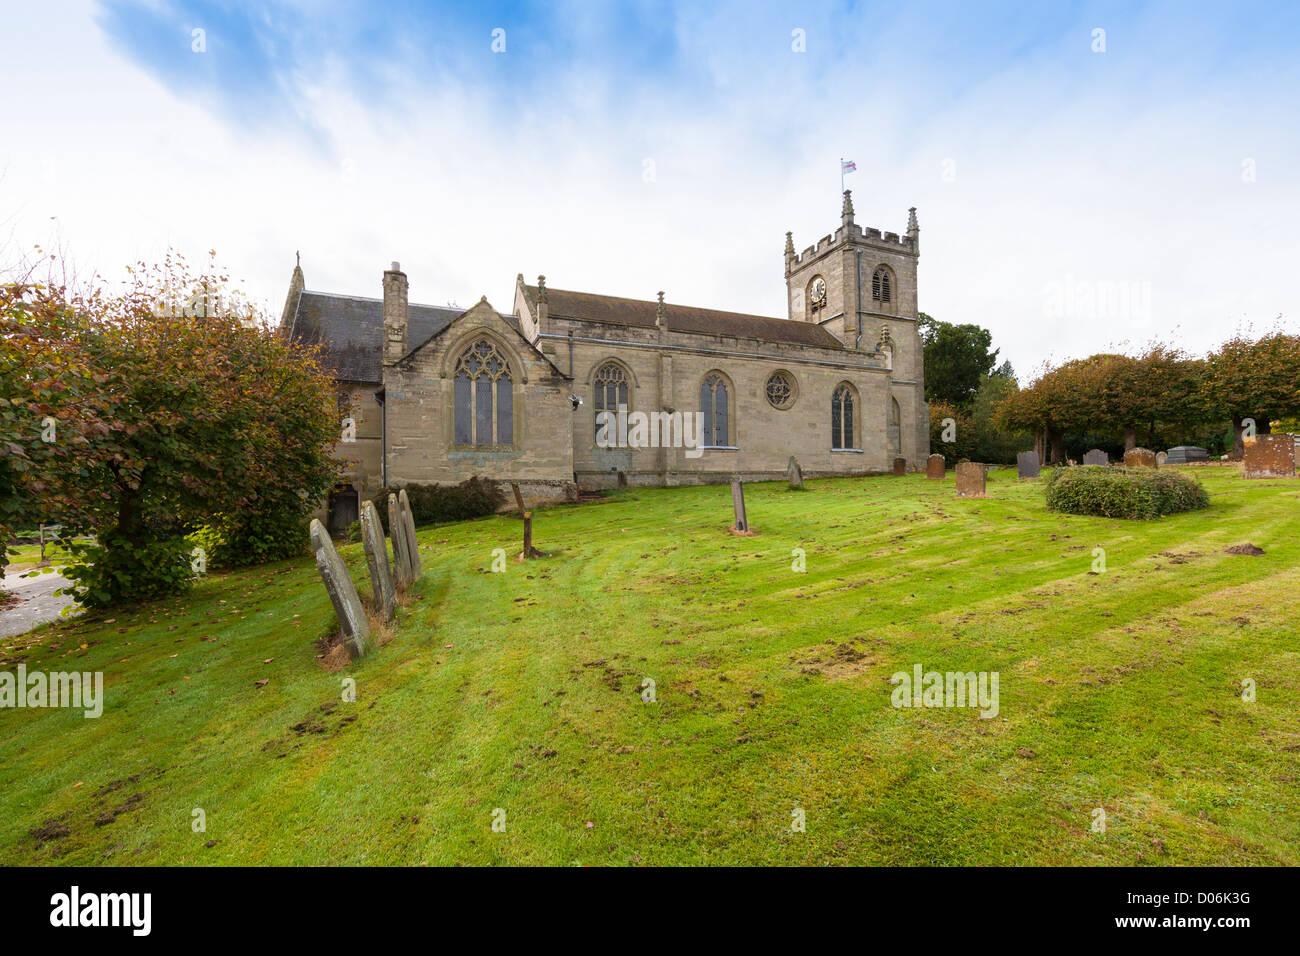 Leek Wooton church. Warwickshire. - Stock Image